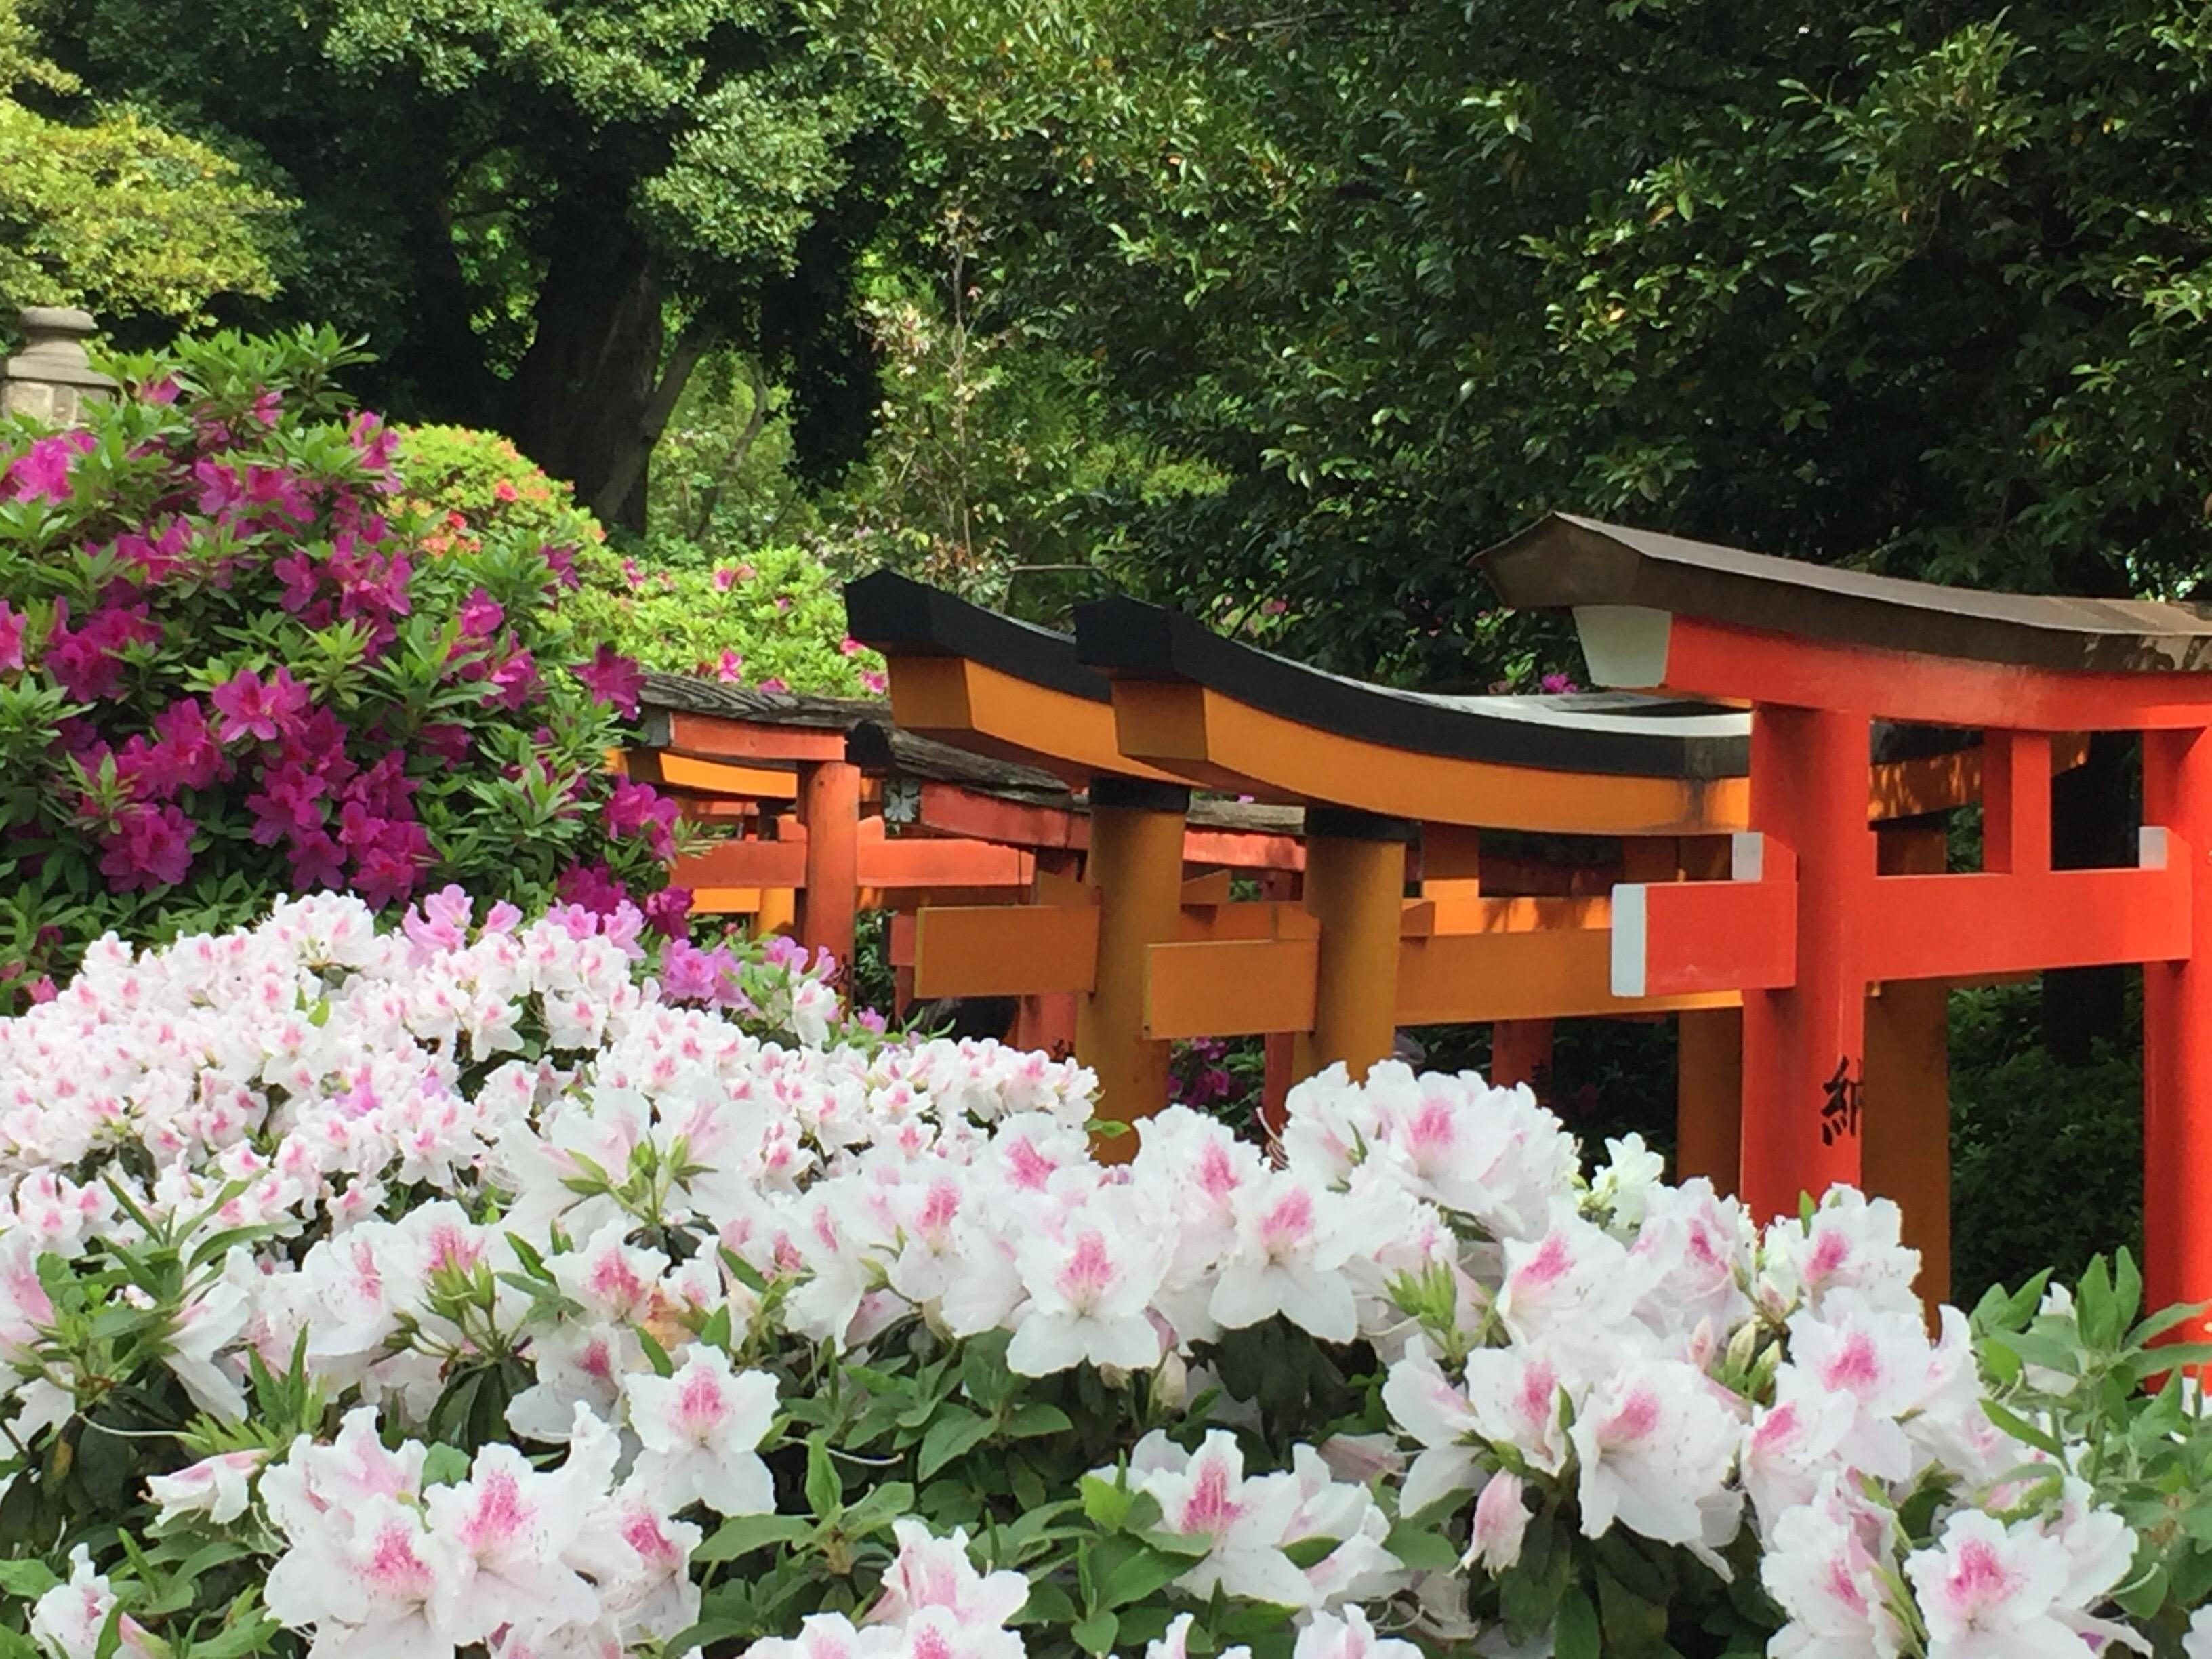 東京十社巡り「根津神社」!3,000本のツツジ咲くパワースポット